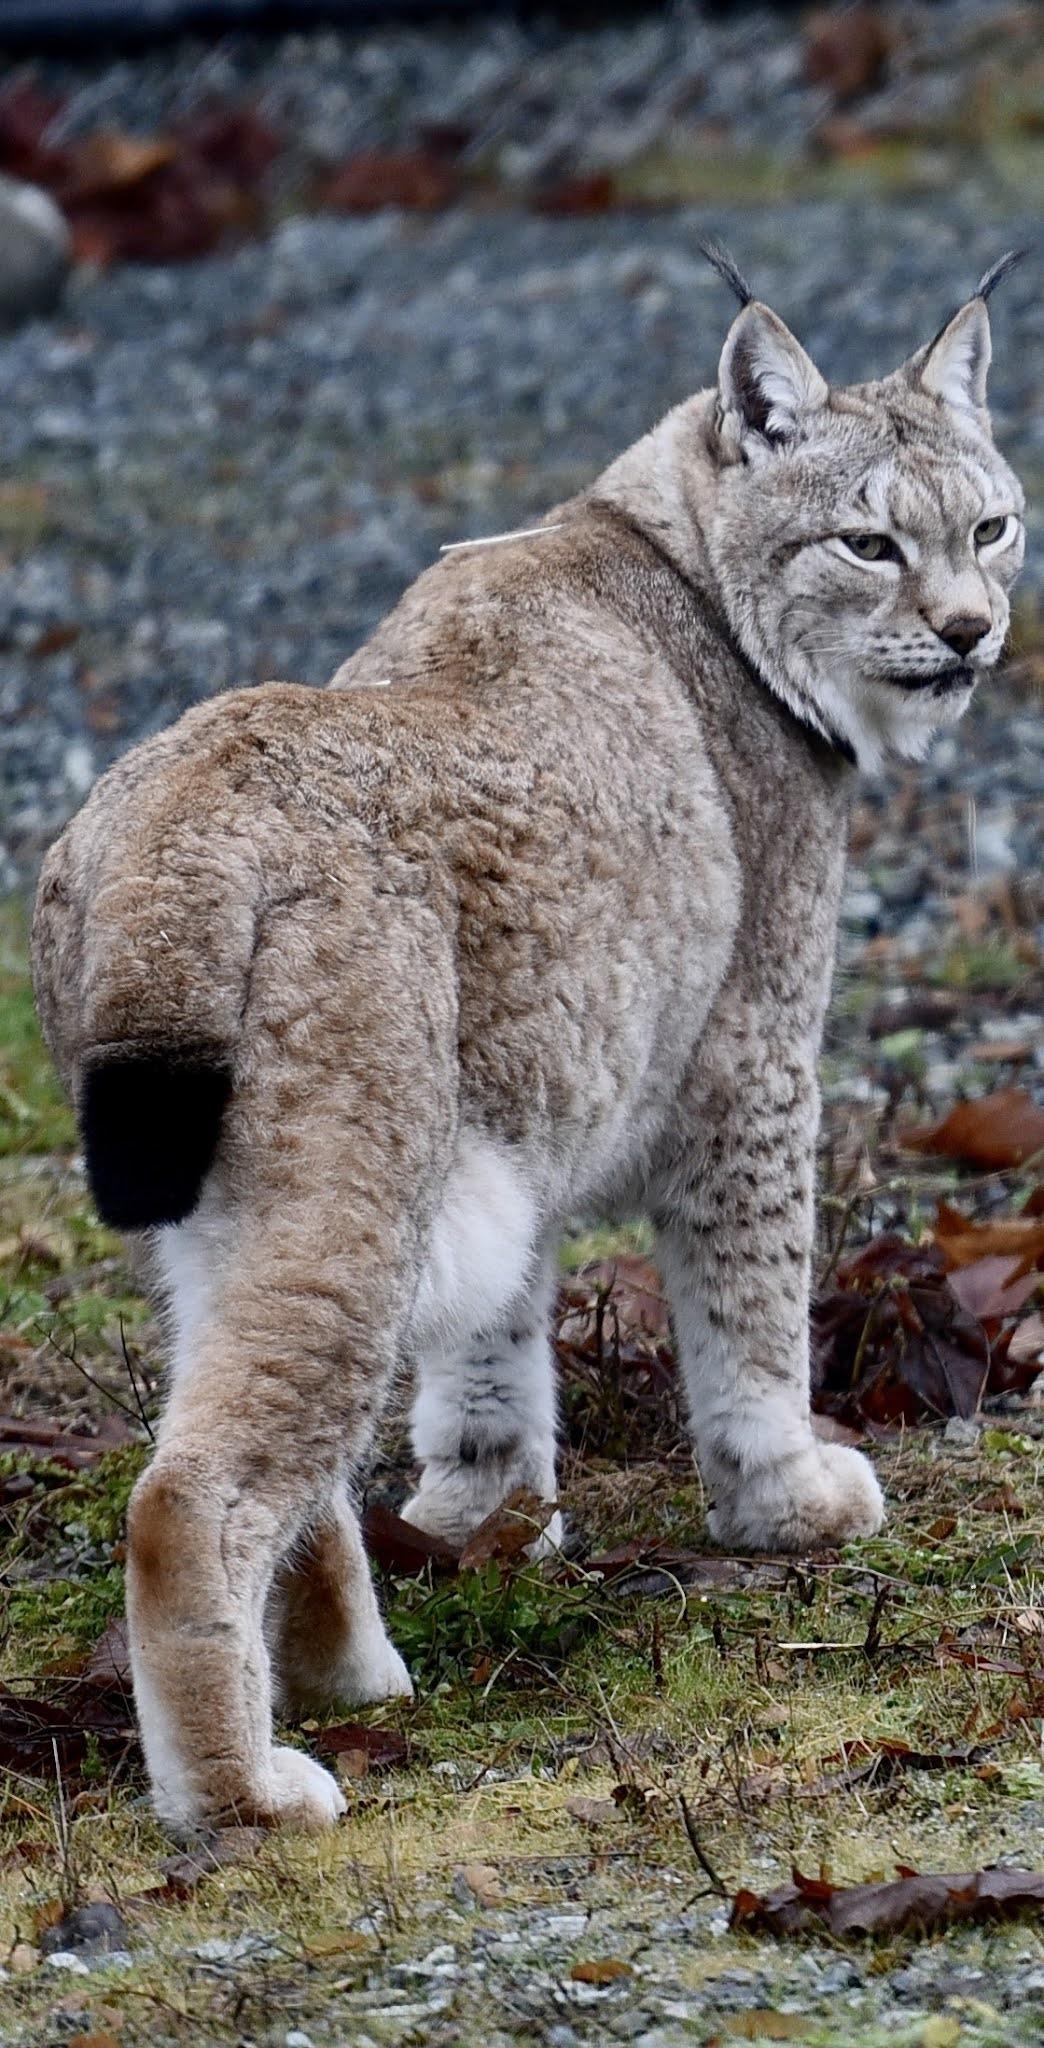 A beautiful lynx.